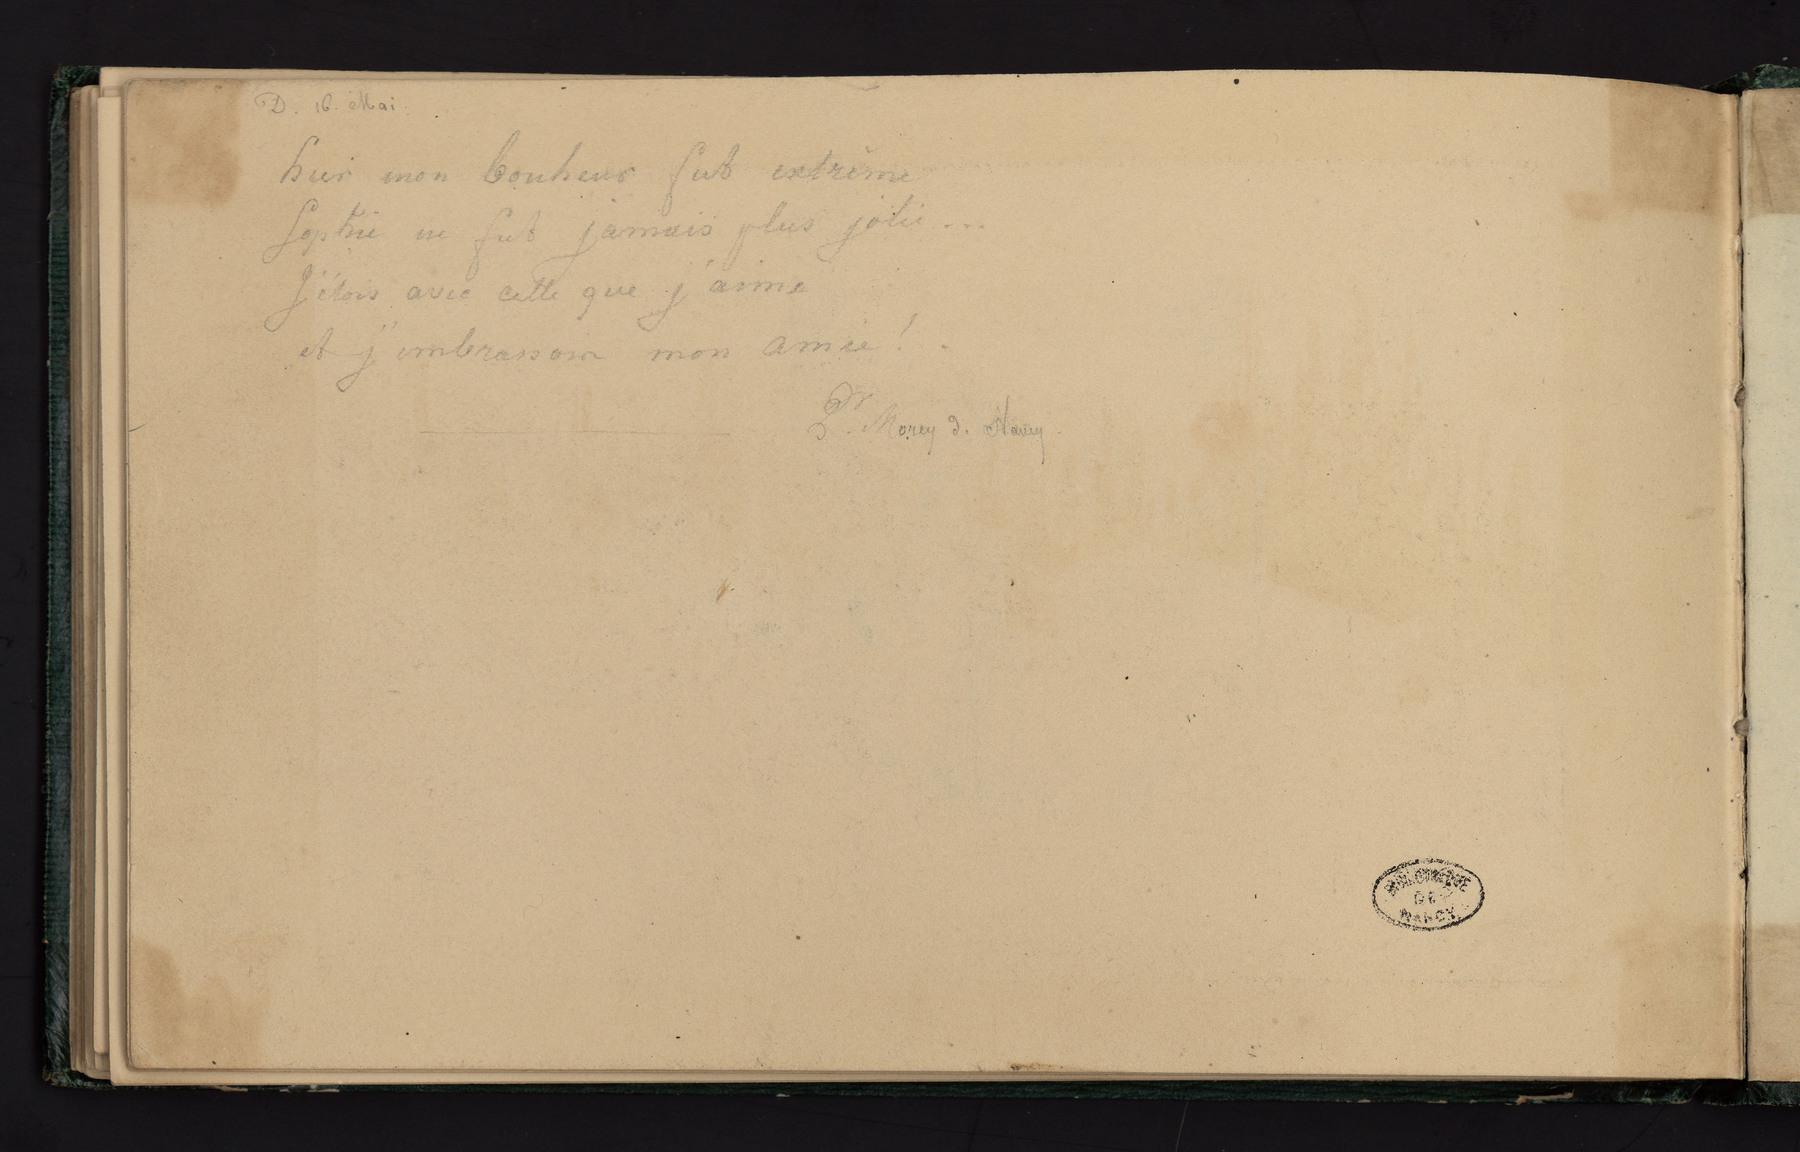 Contenu du Texte manuscrit daté du 16 mai au verso d'un dessin